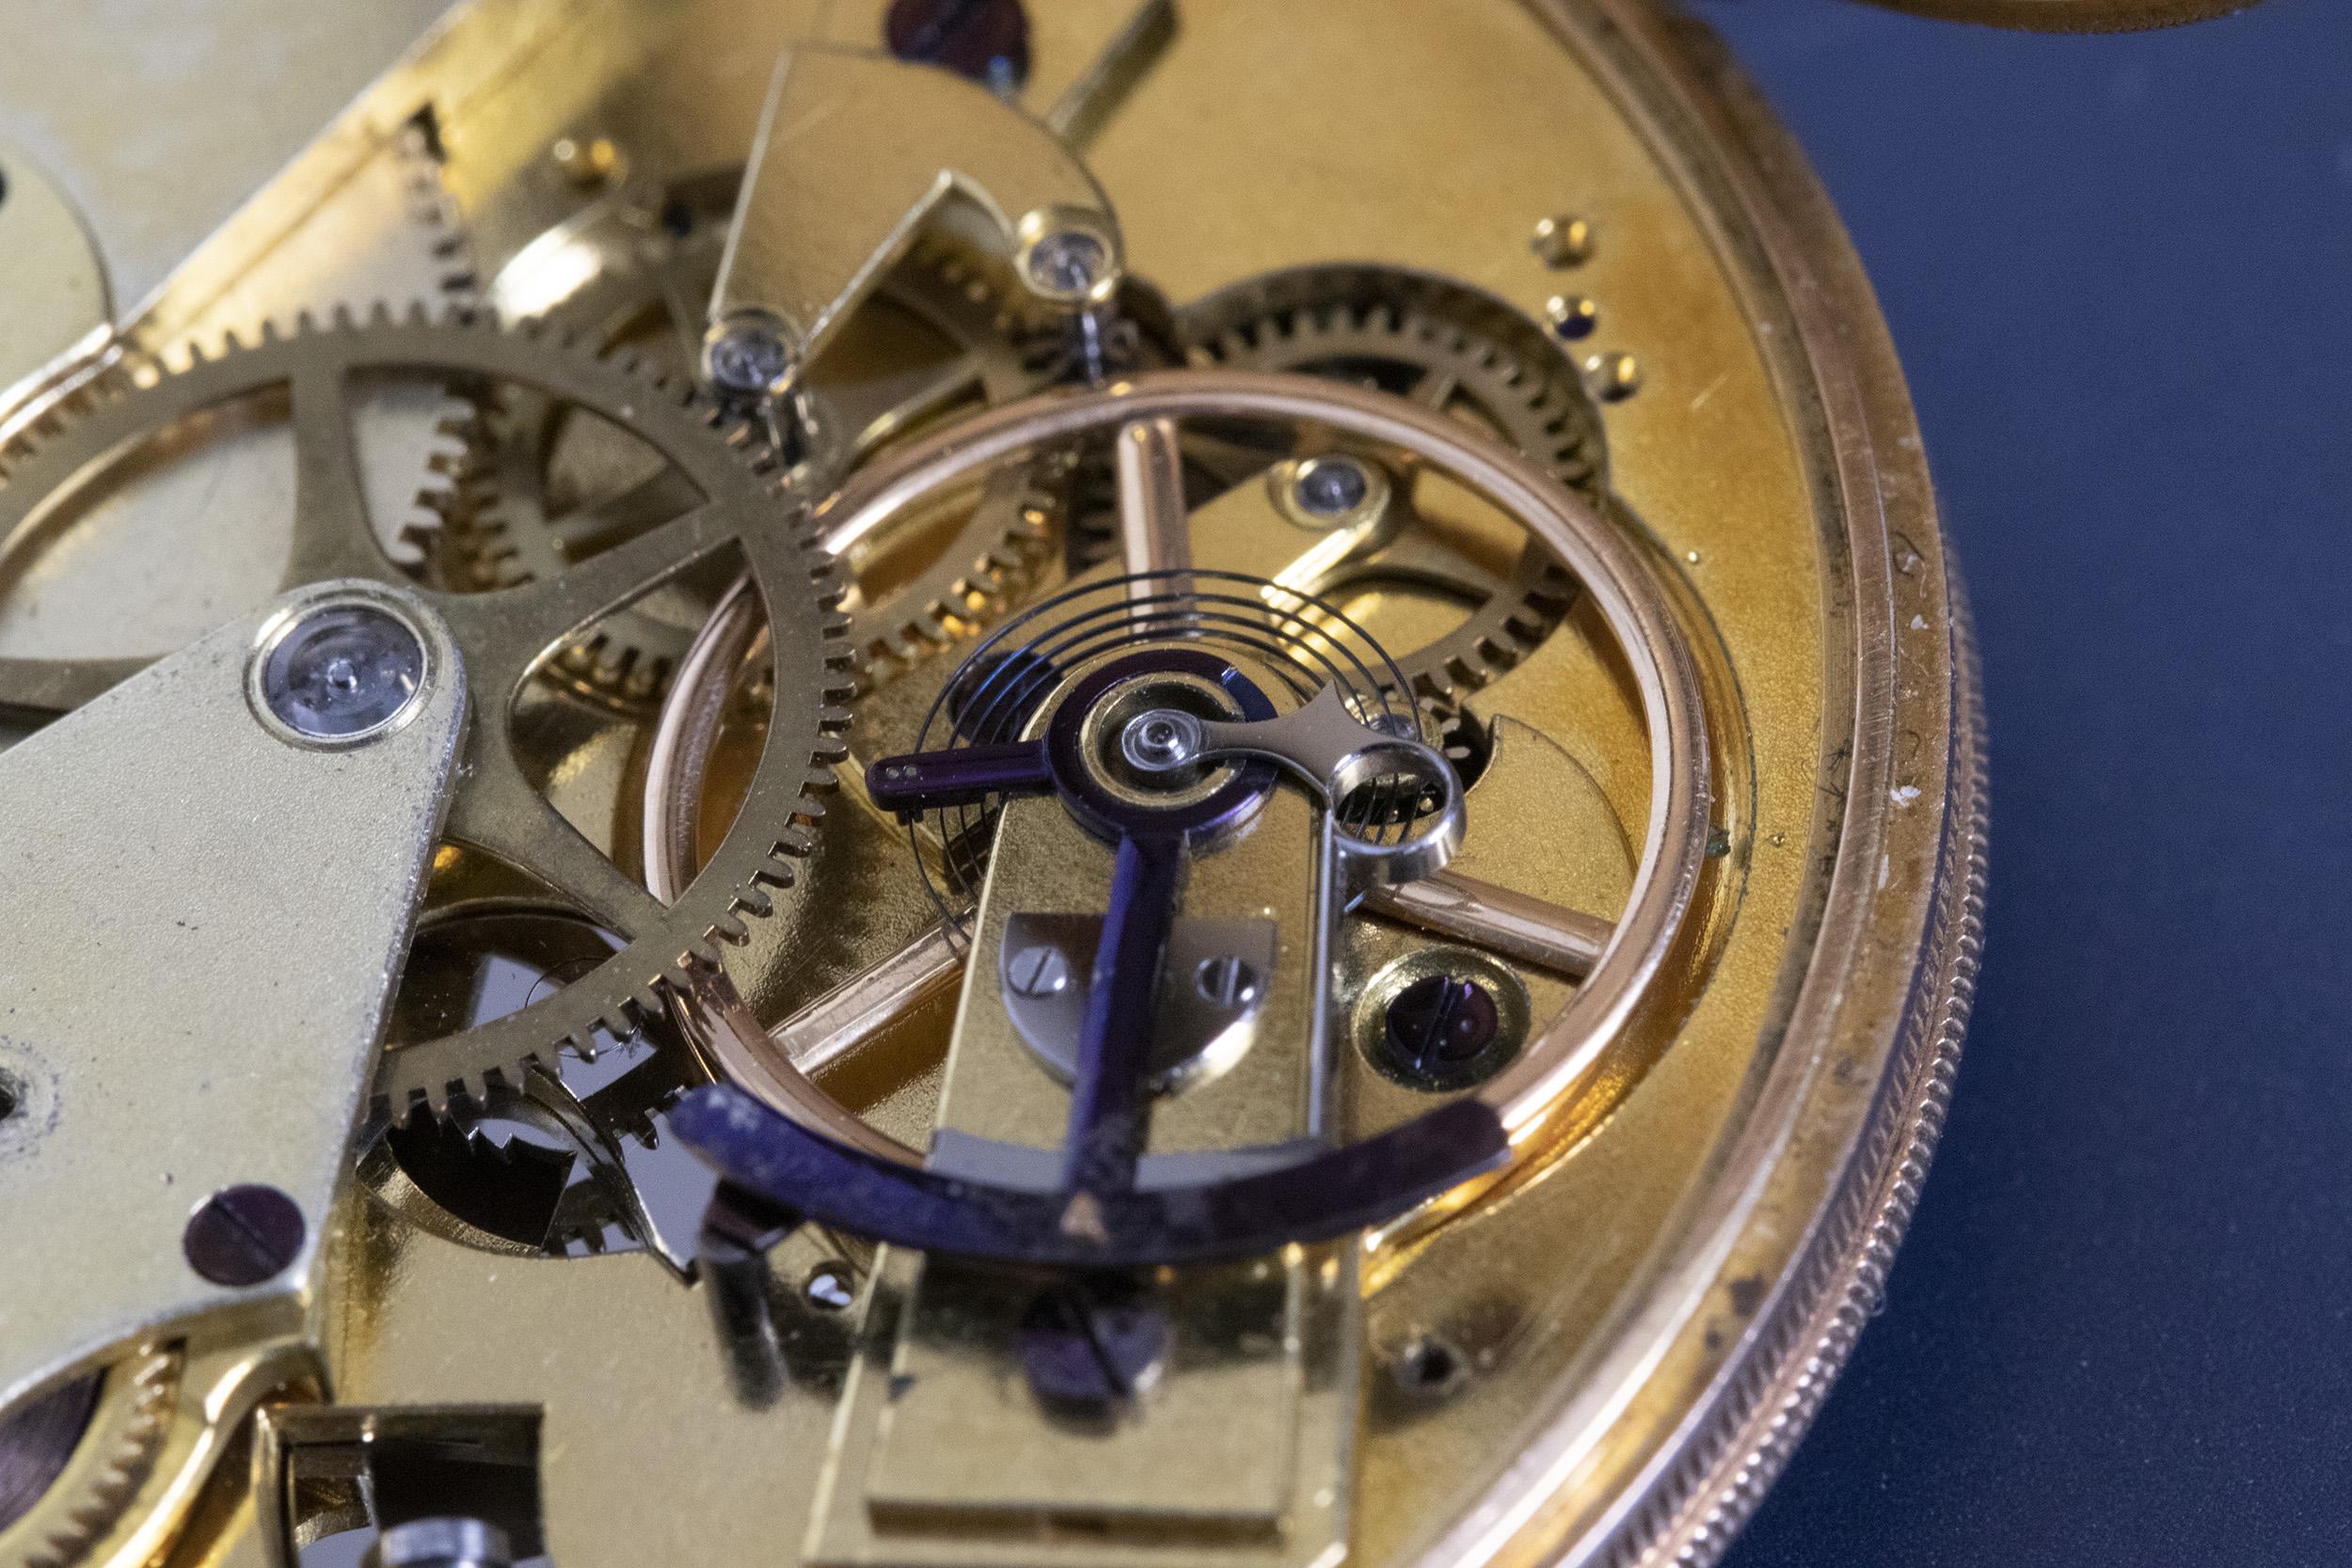 Breguet N°3190, vendue en 1819 au Baron de Vietinghoff 40908051513_a17a537105_o